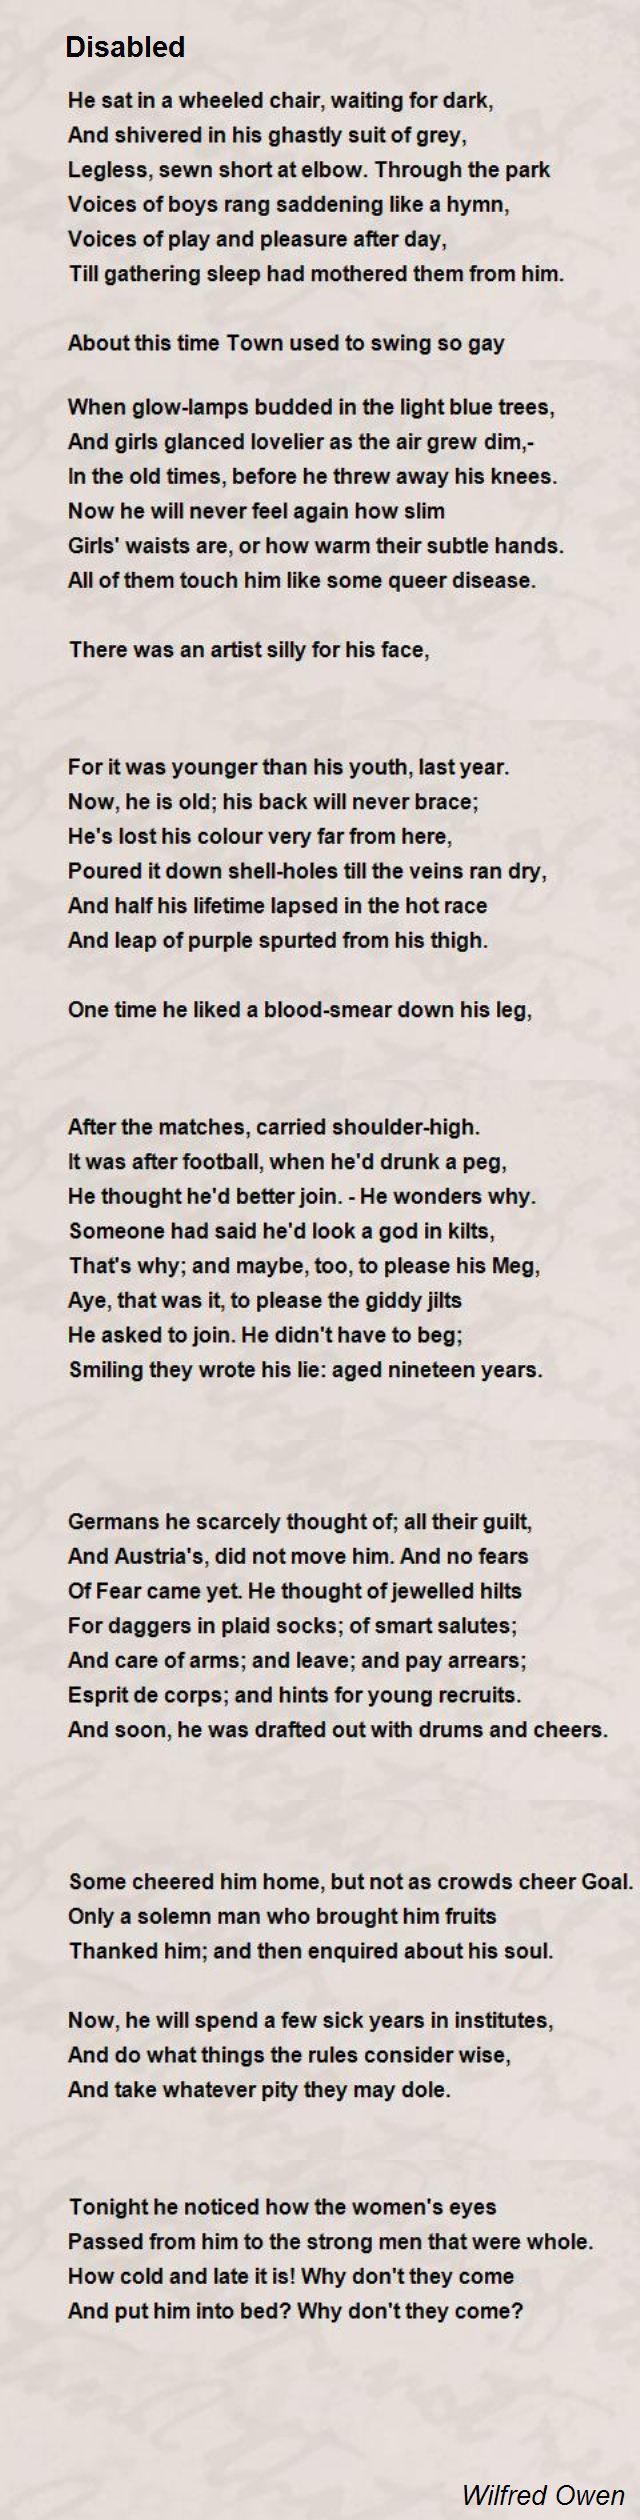 Disabled Poem by Wilfred Owen - Poem Hunter